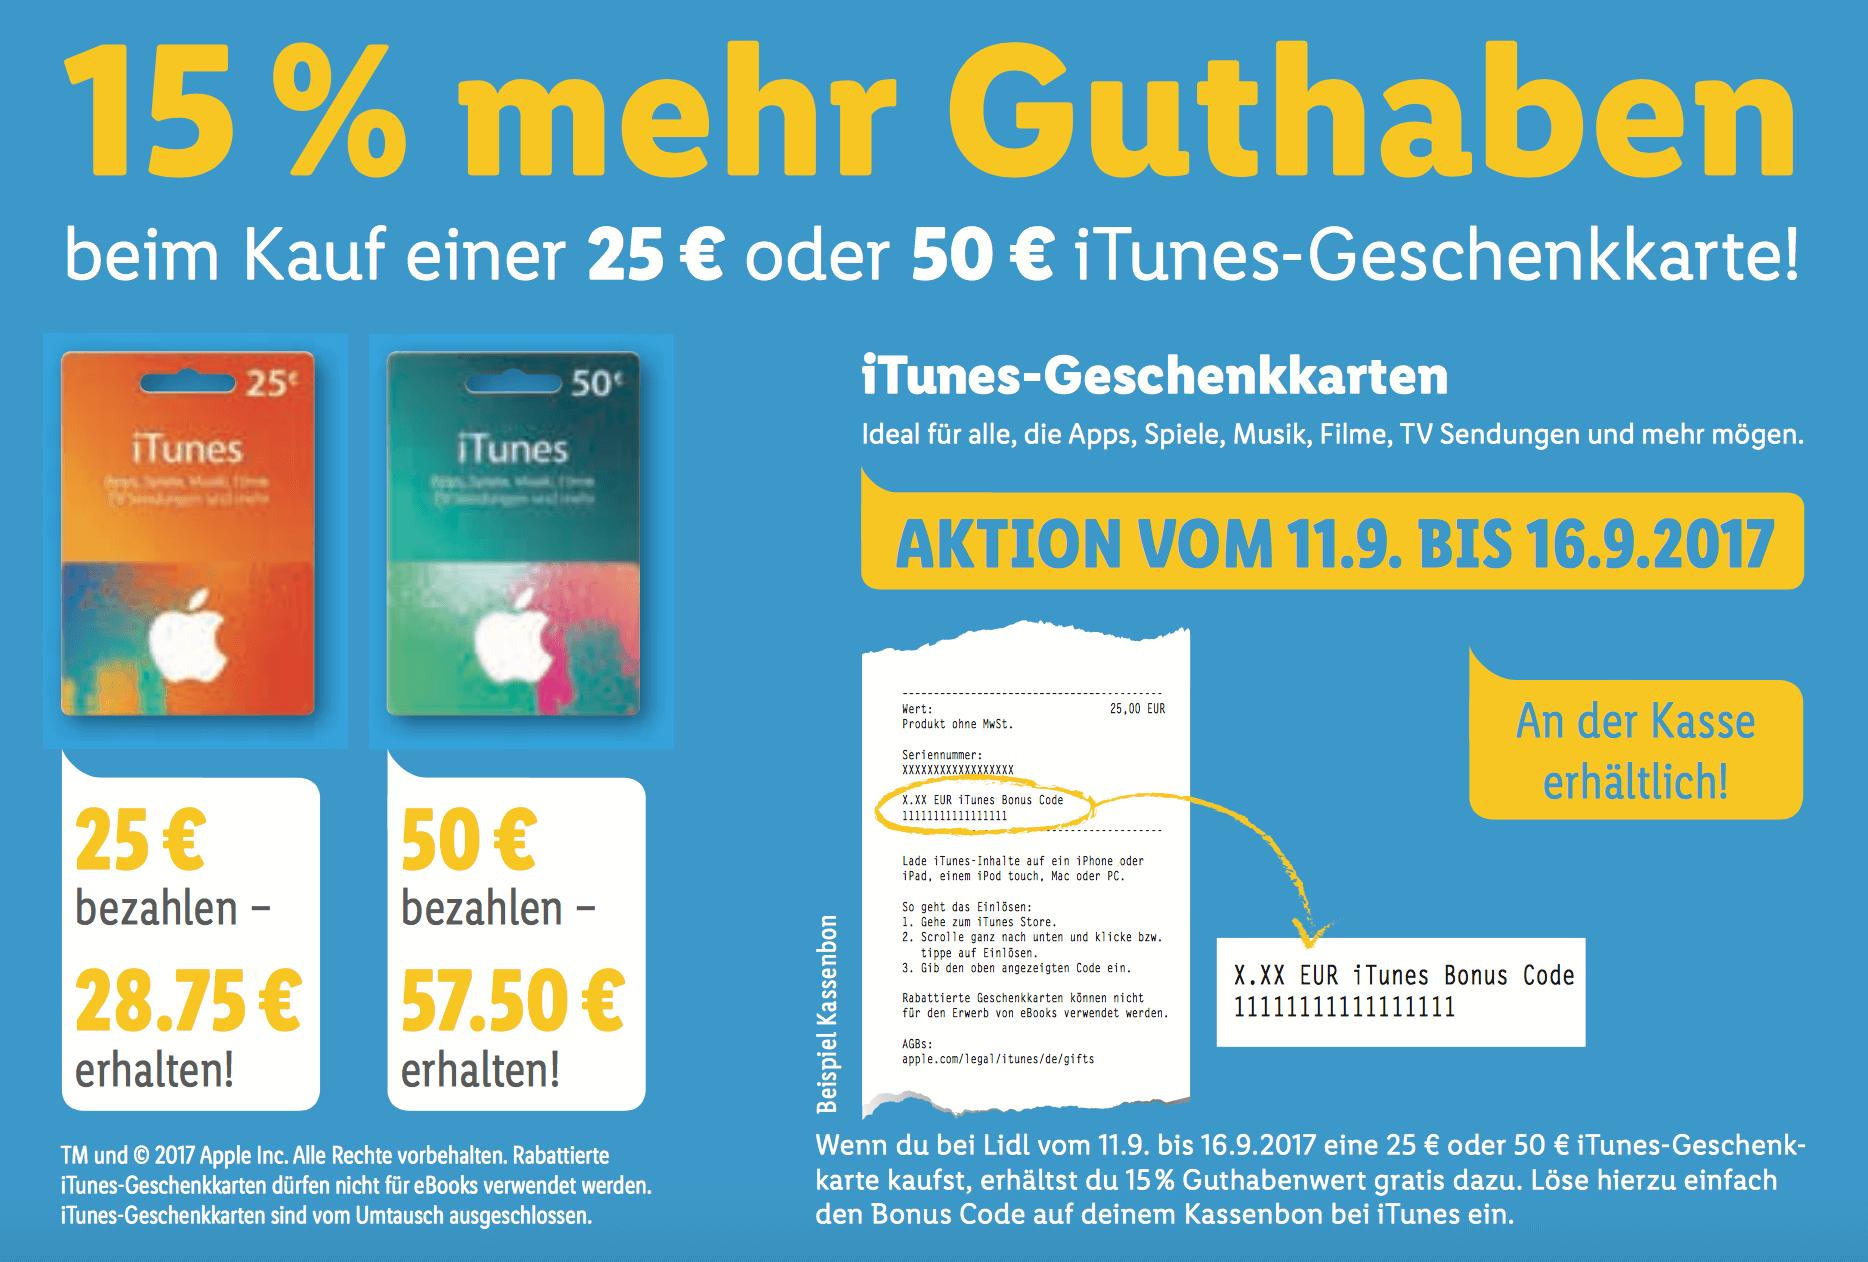 Vom 11.09.207 bis zum 16.09.2017: iTunes-Guthabenkarten bei Lidl im Angebot (Screenshot von Lidl-Online-Prospekt)